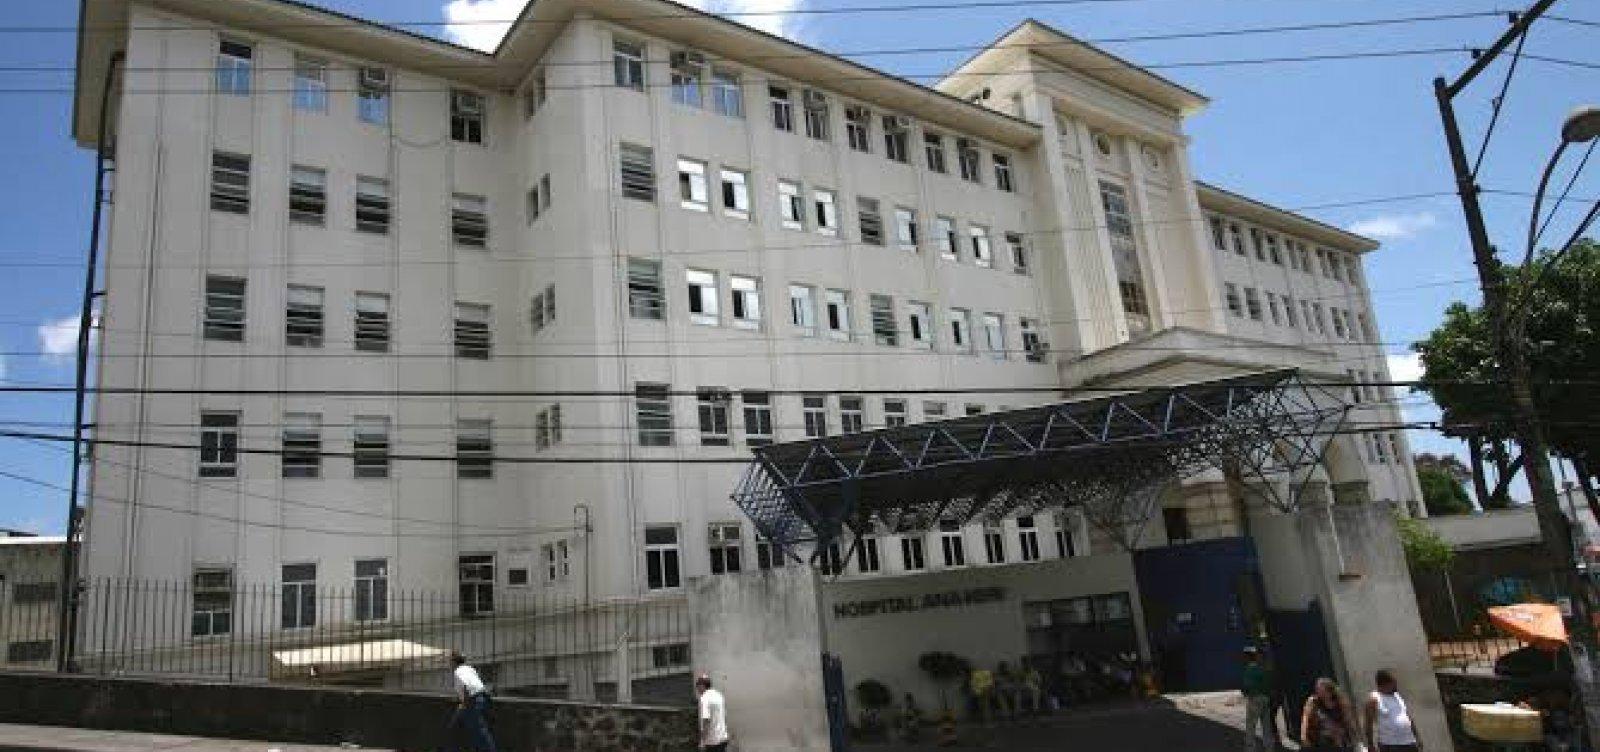 [Governo divulga licitação para reformar Hospital Ana Nery e posto de saúde do Curuzu]